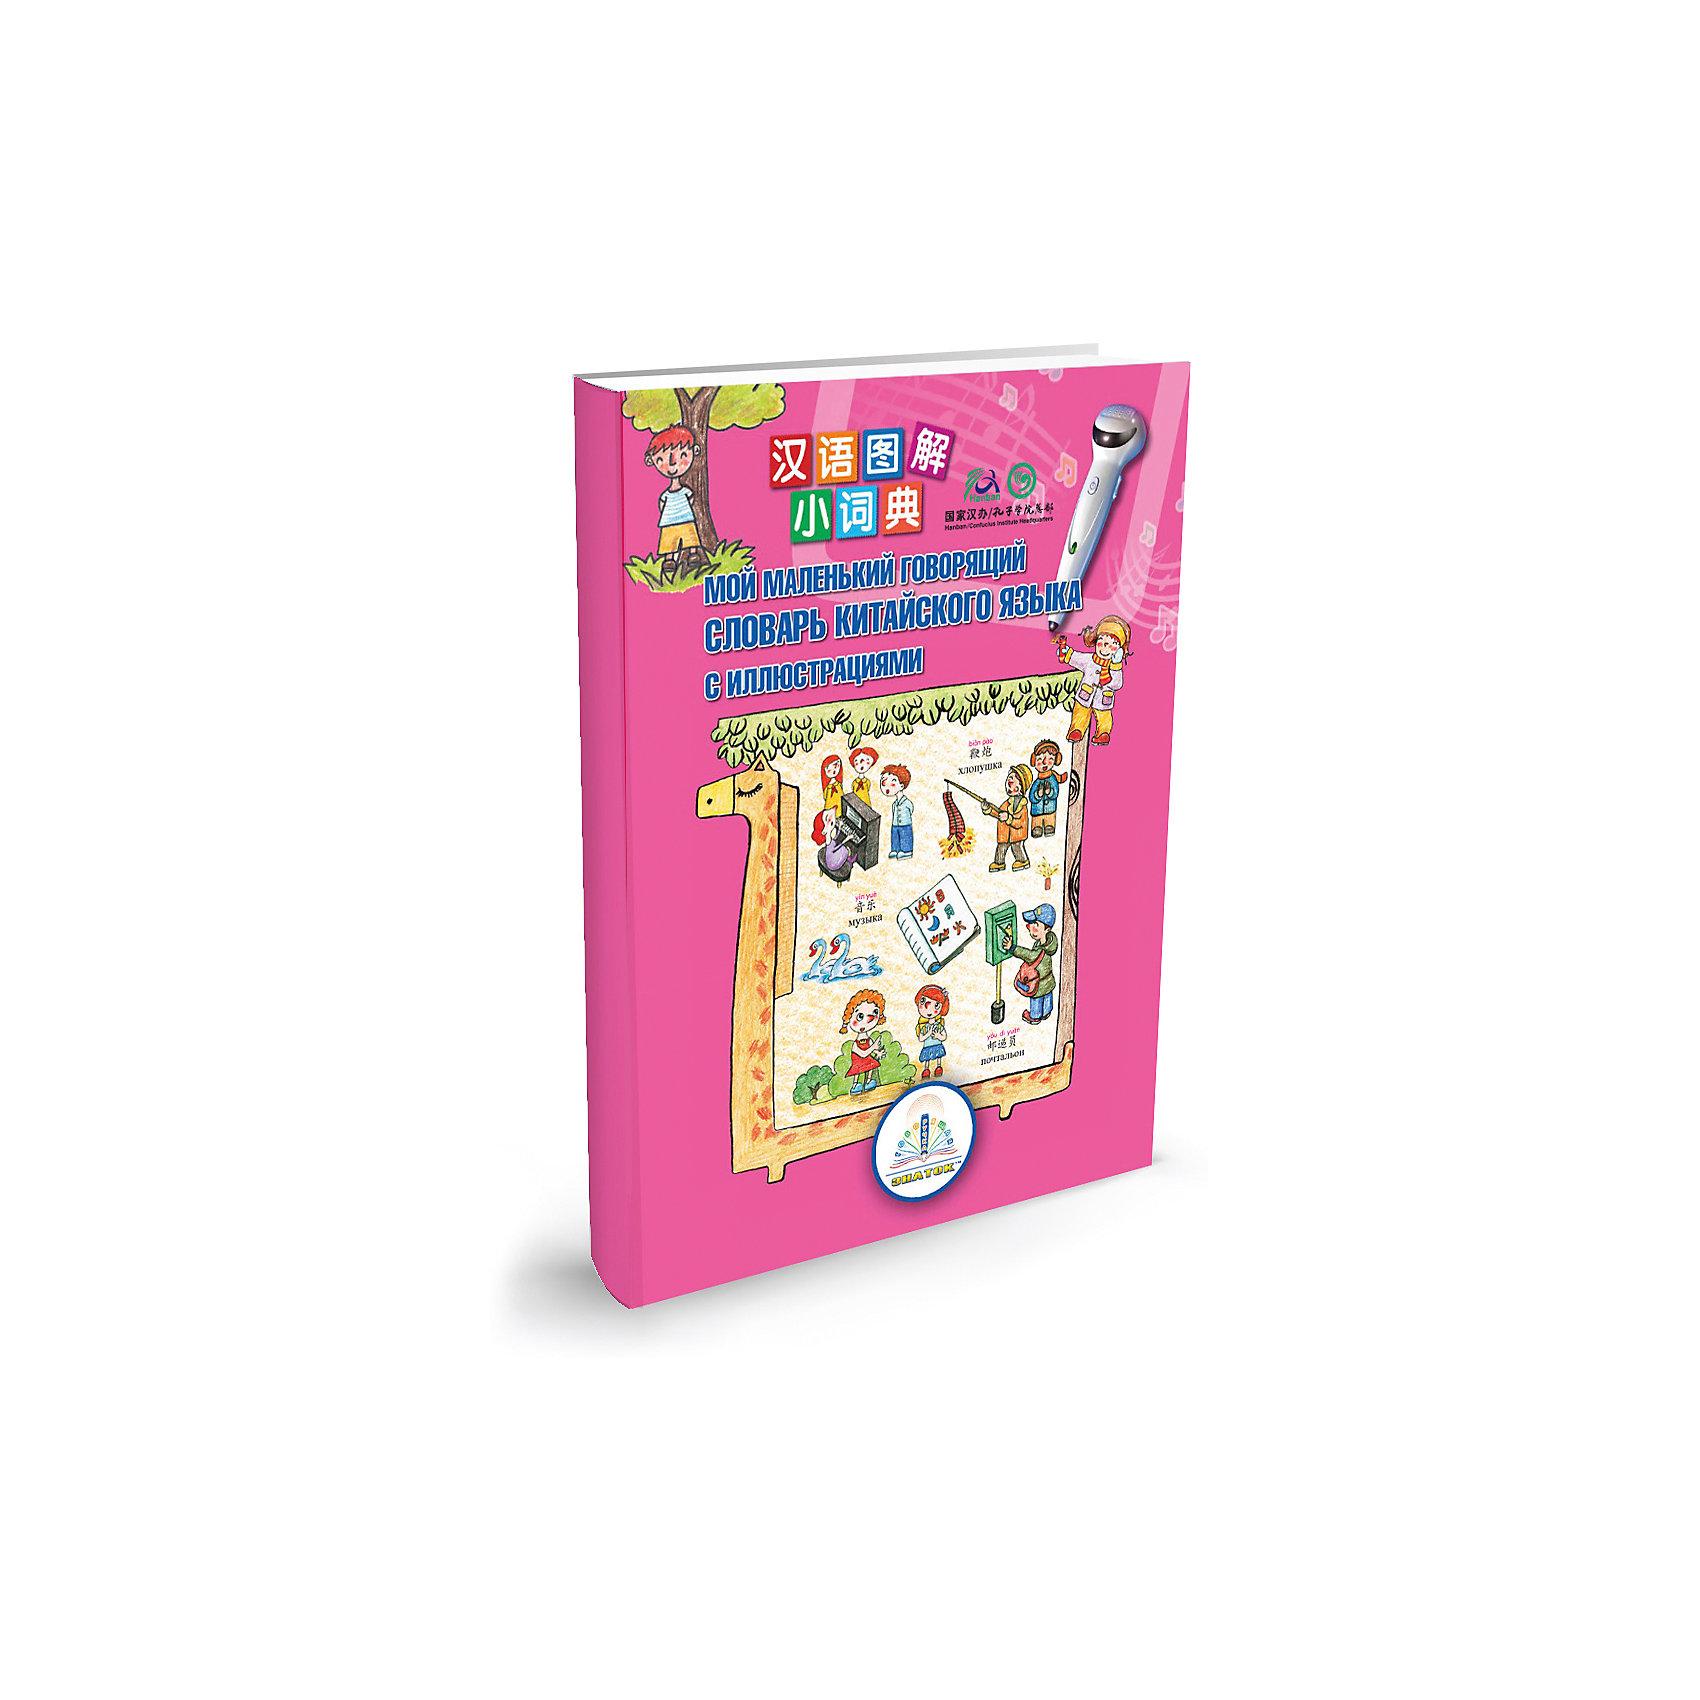 Пособие для детей Мой говорящий словарь китайского языка с иллюстрациями, ЗнатокГоворящие ручки с книгами<br>Книга Мой маленький говорящий словарь китайского языка для детей с иллюстрациями - это очень полезное и необходимое пособие всем детям, изучающим китайский язык в столь юном возрасте. 350 страниц этого современного словаря населяют десятки тясяч китайских слов, иероглифов, ходовых выражений и их переводы, пункты грамматики, диалоги на китайском и разные упражнения. Самые лучшие говорящие пособия для изучения китайского языка детьми и взрослыми, рекомендованные китайскими лингвистами, работающими в России. Китай - страна экономических интересов! Начните изучать китайский язык вместе с нами!<br><br>Ширина мм: 230<br>Глубина мм: 170<br>Высота мм: 50<br>Вес г: 483<br>Возраст от месяцев: 36<br>Возраст до месяцев: 2147483647<br>Пол: Унисекс<br>Возраст: Детский<br>SKU: 5596035